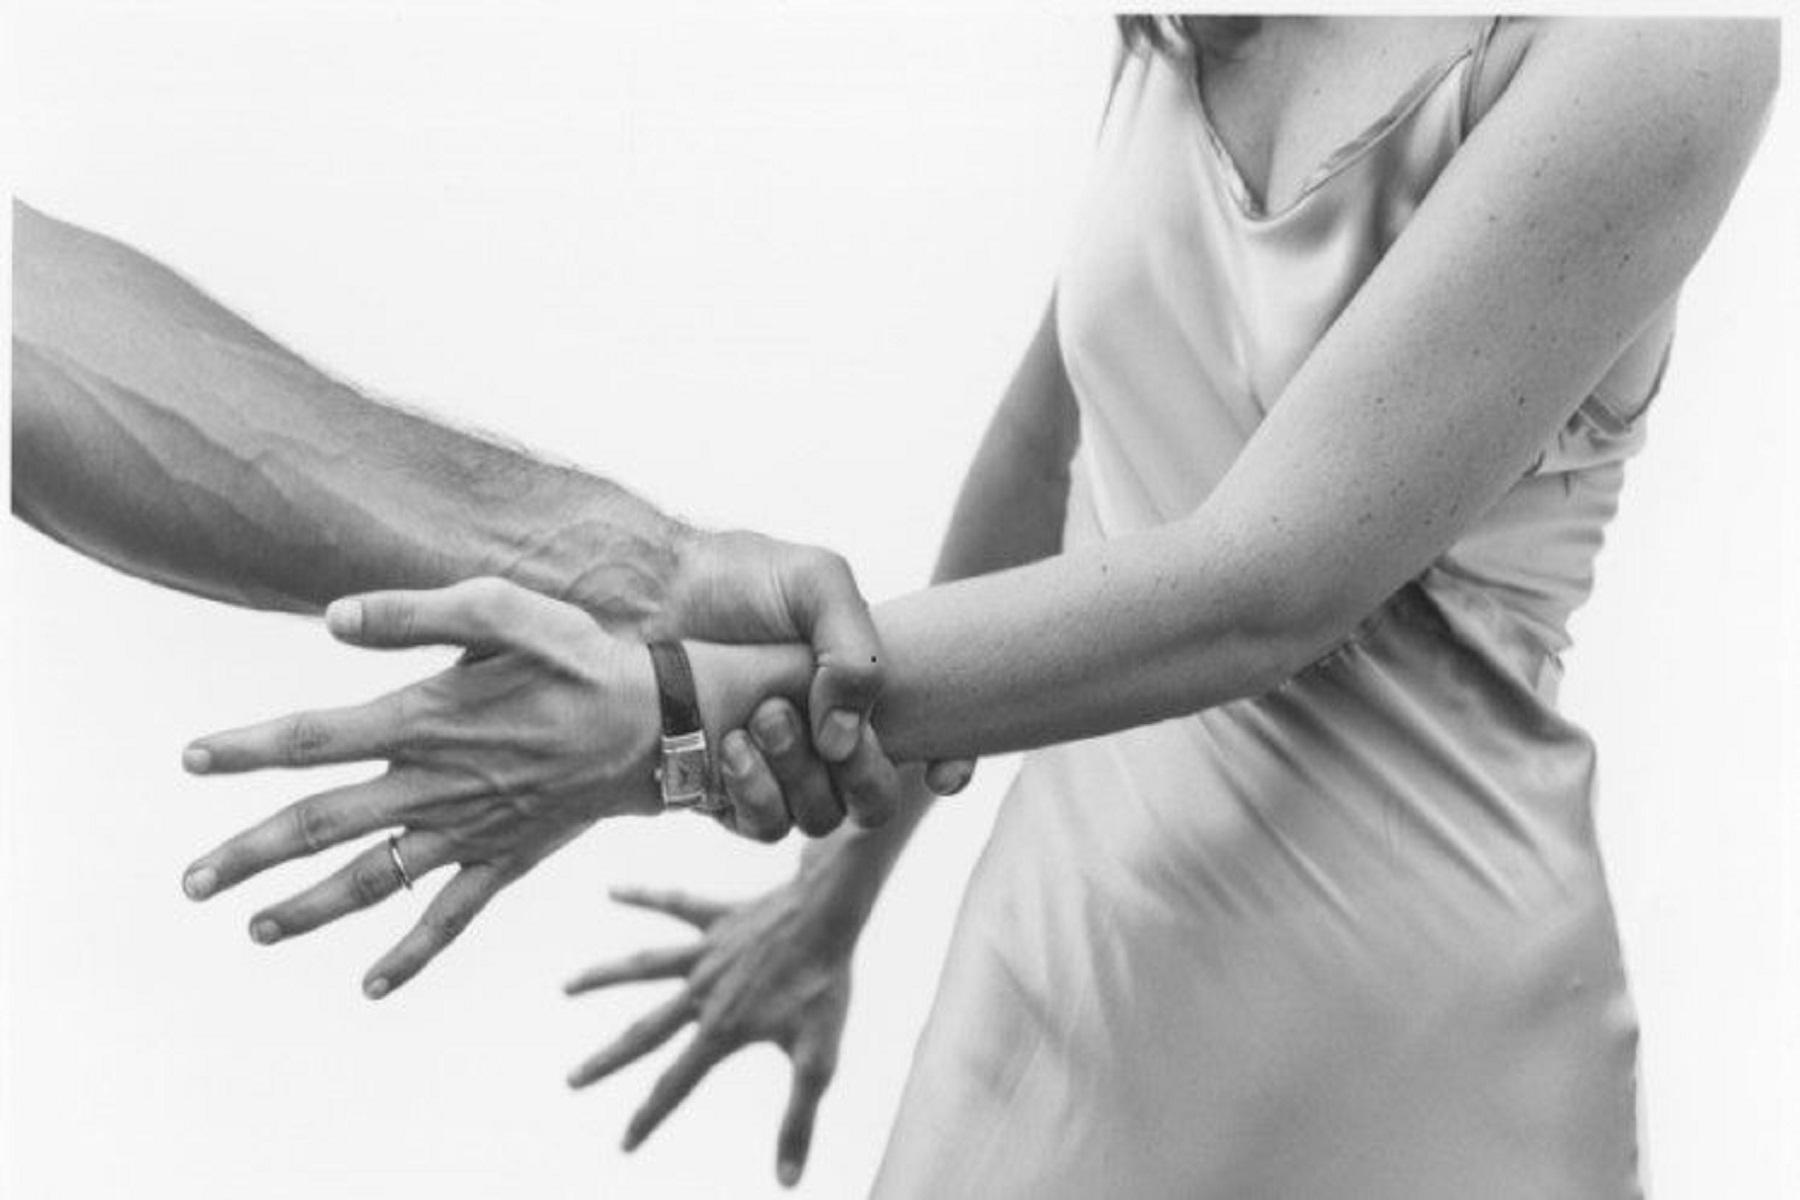 Συντροφικότητα Βία: Ζήτημα δημόσιας υγείας σύμφωνα με έρευνα